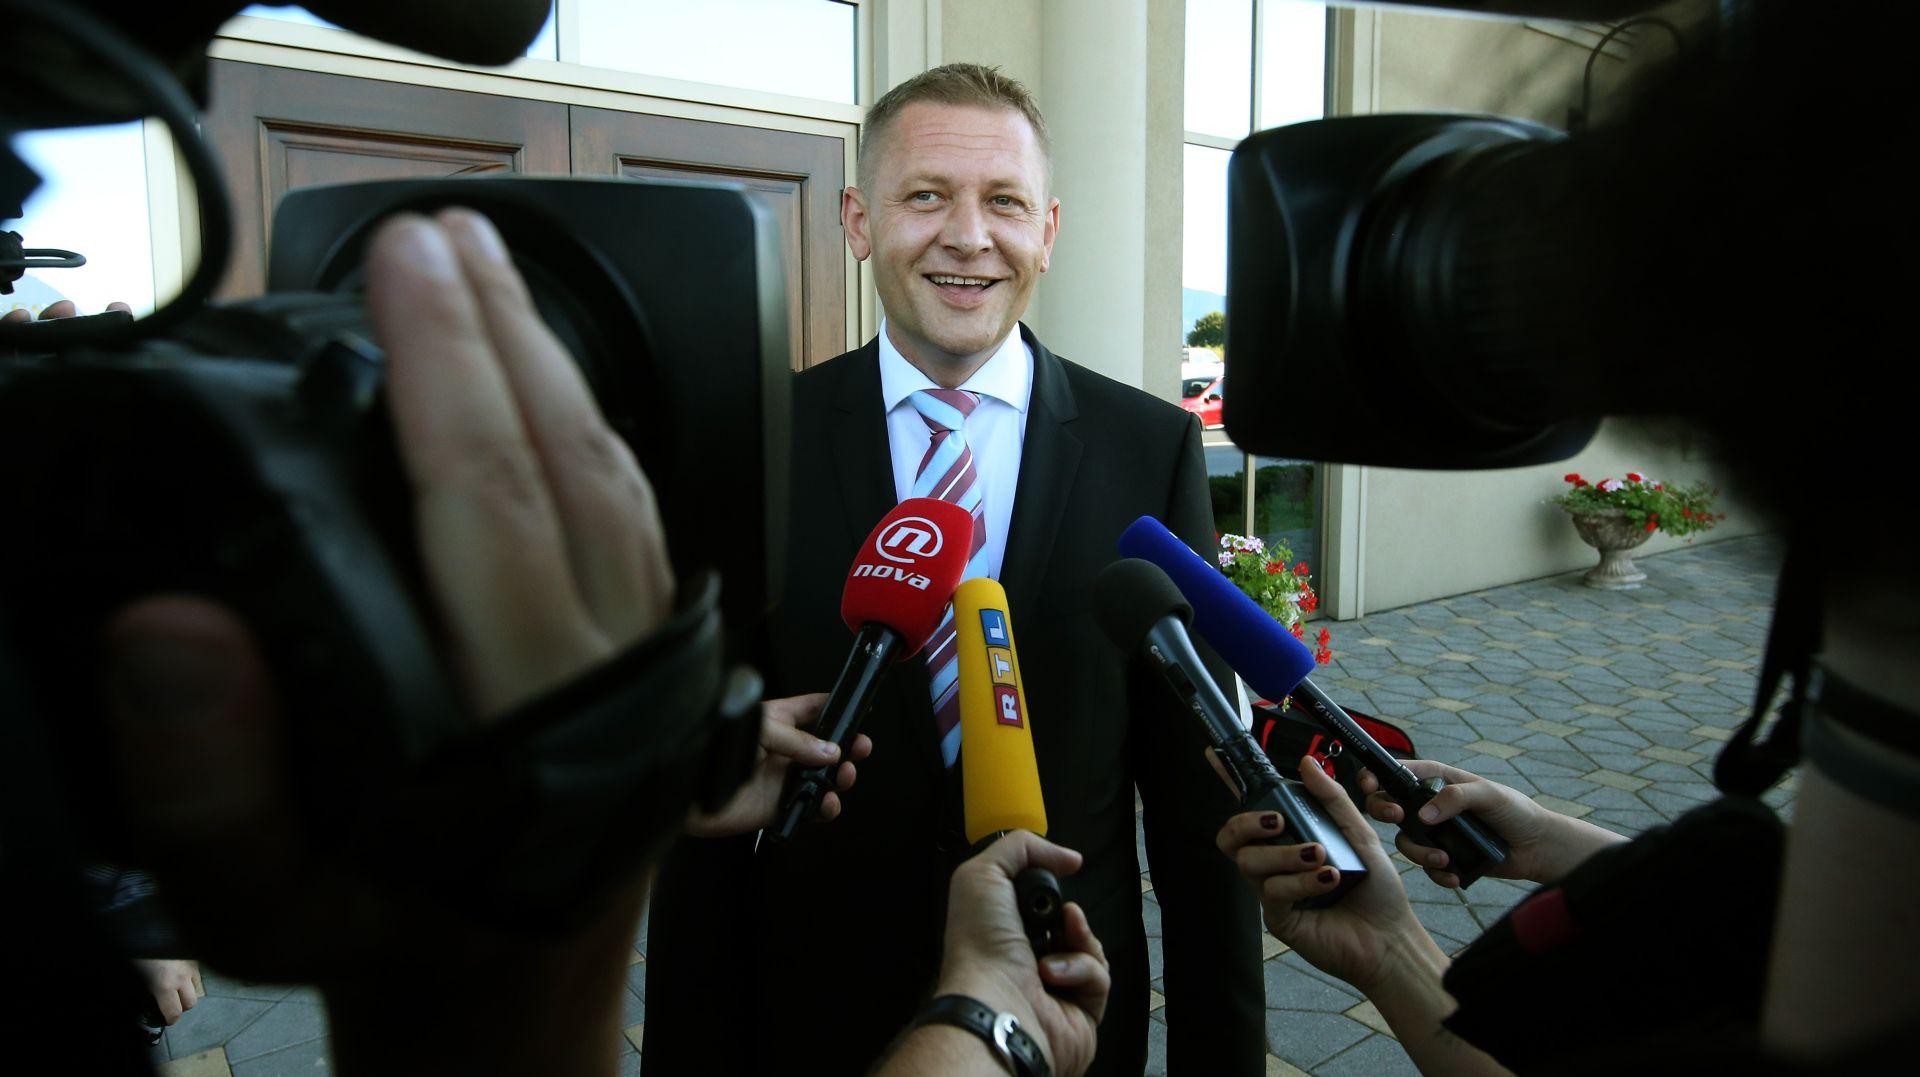 HSS ODLUČIO U predizbornu koaliciju sa SDP-om